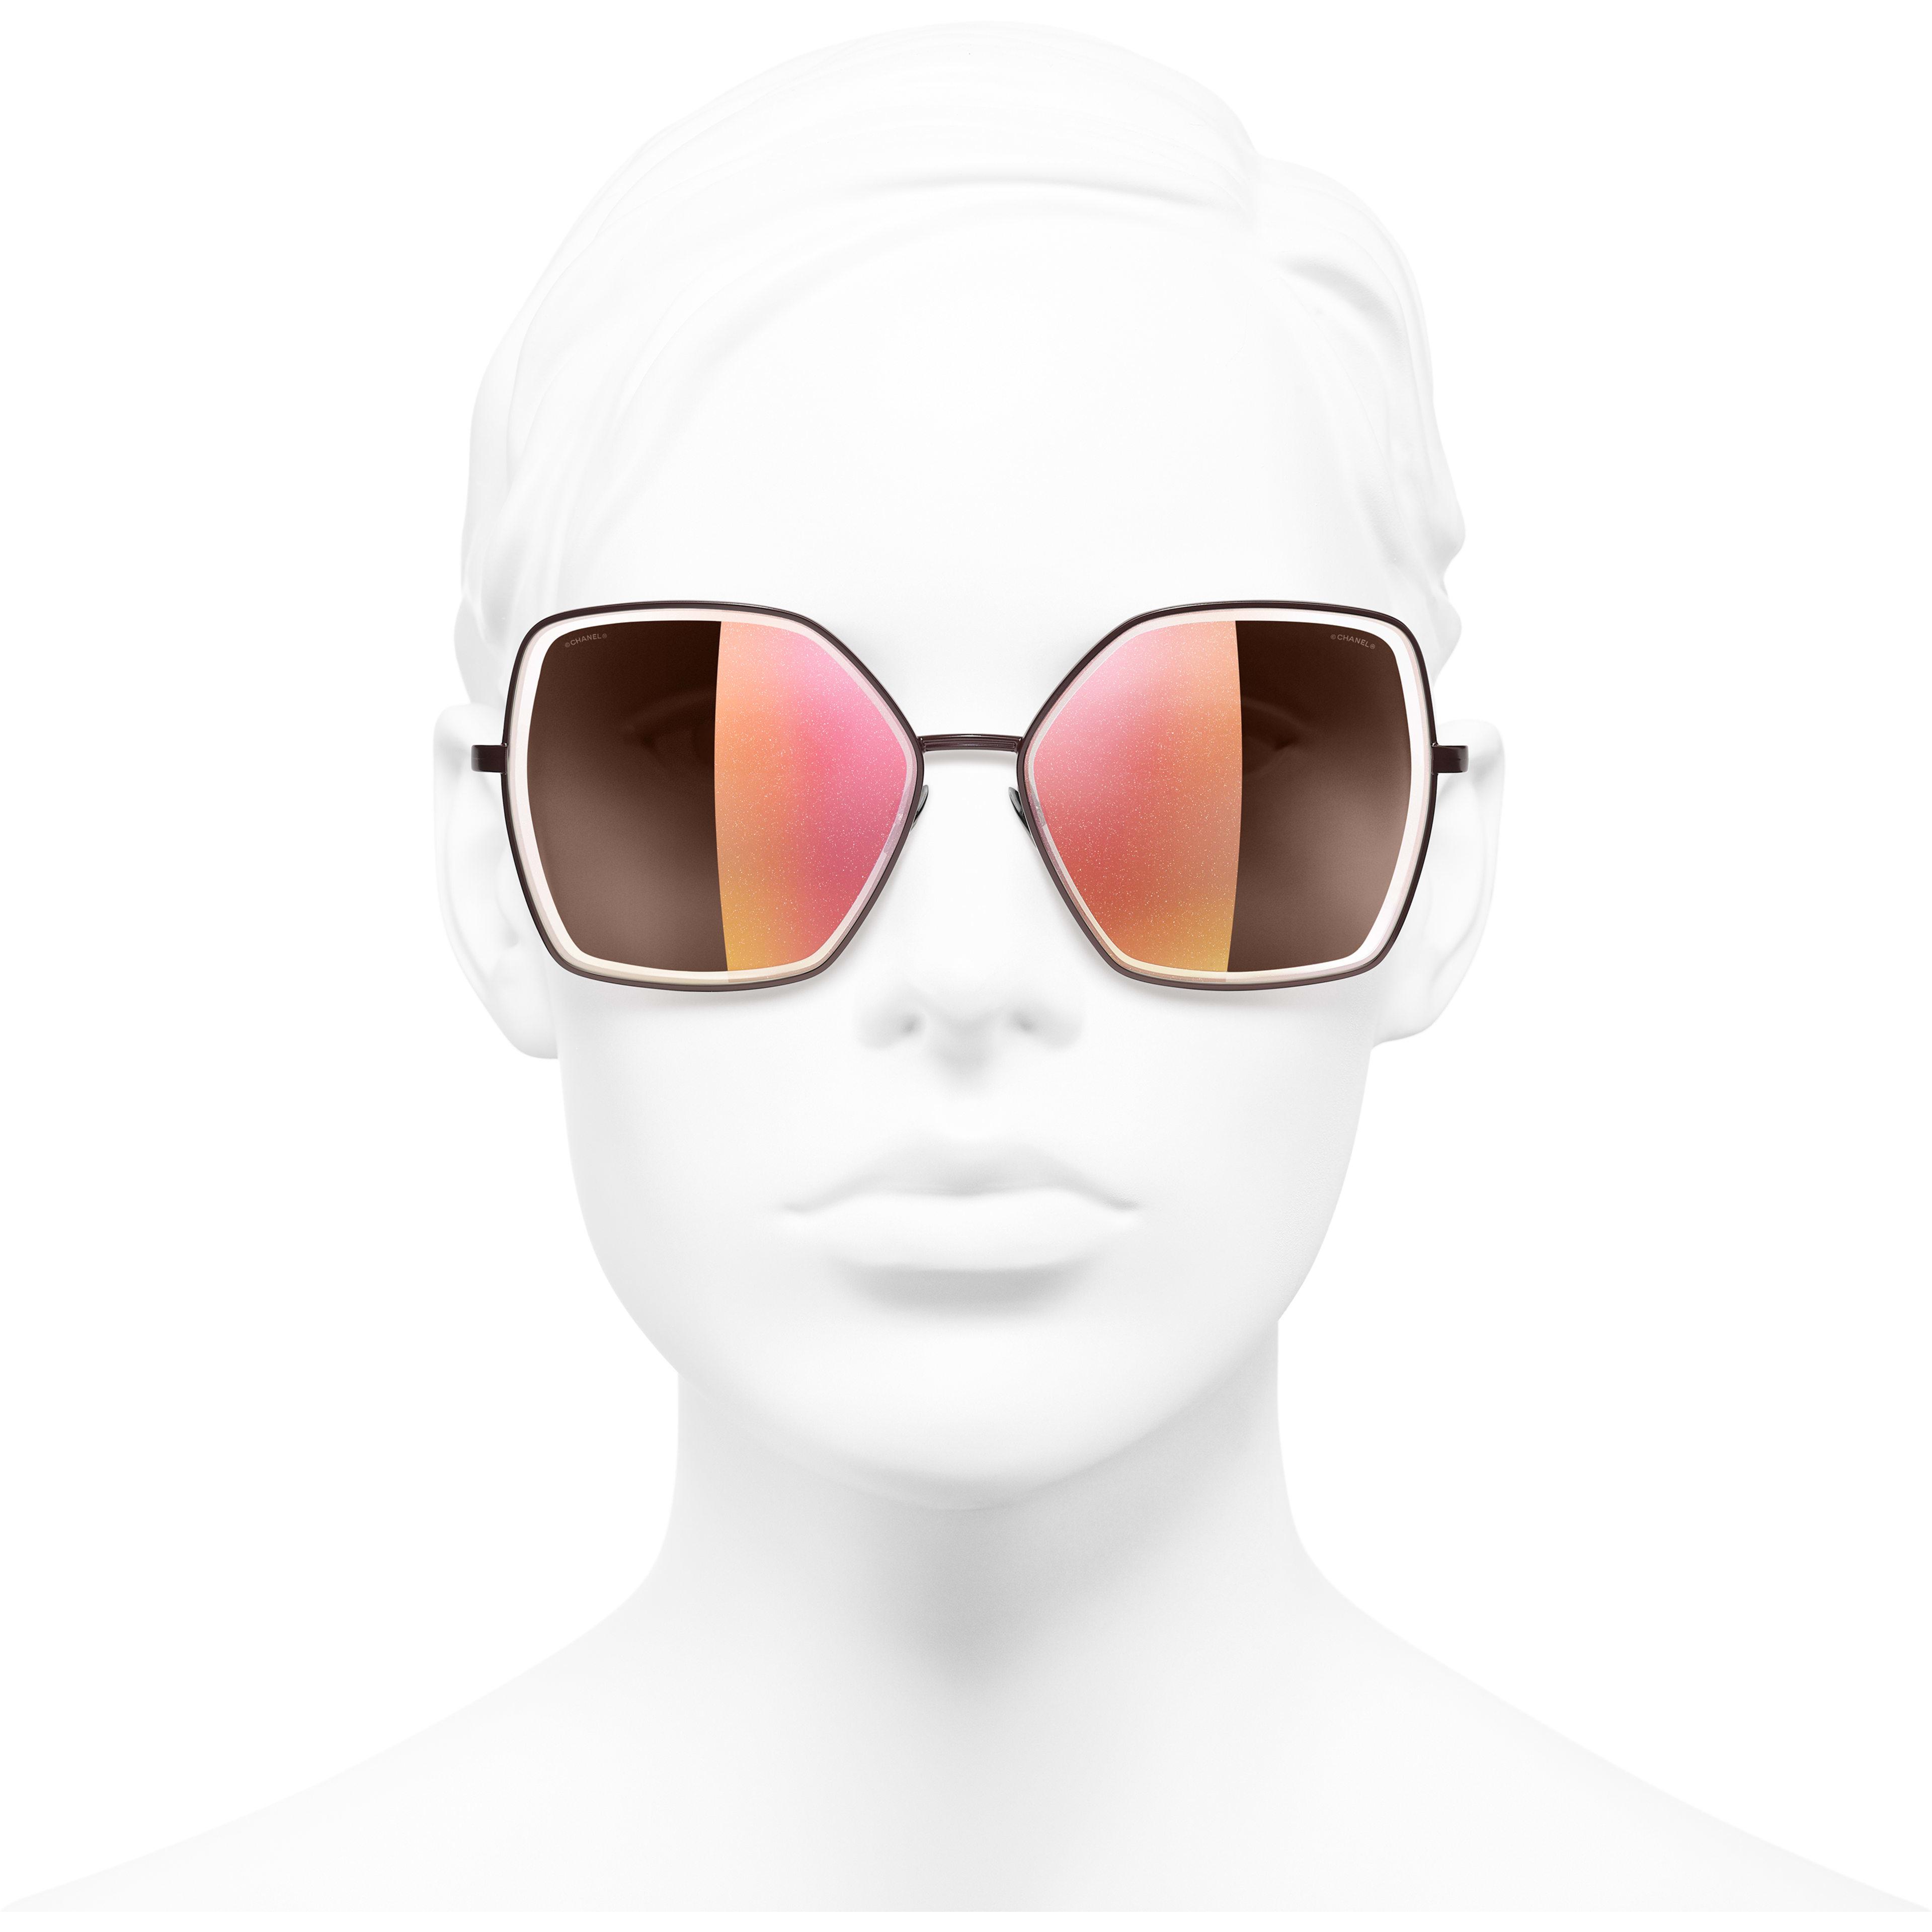 Vlinder zonnebril - Donkerrood - Metaal - CHANEL - Gedragen weergave voorzijde - zie versie op standaardgrootte